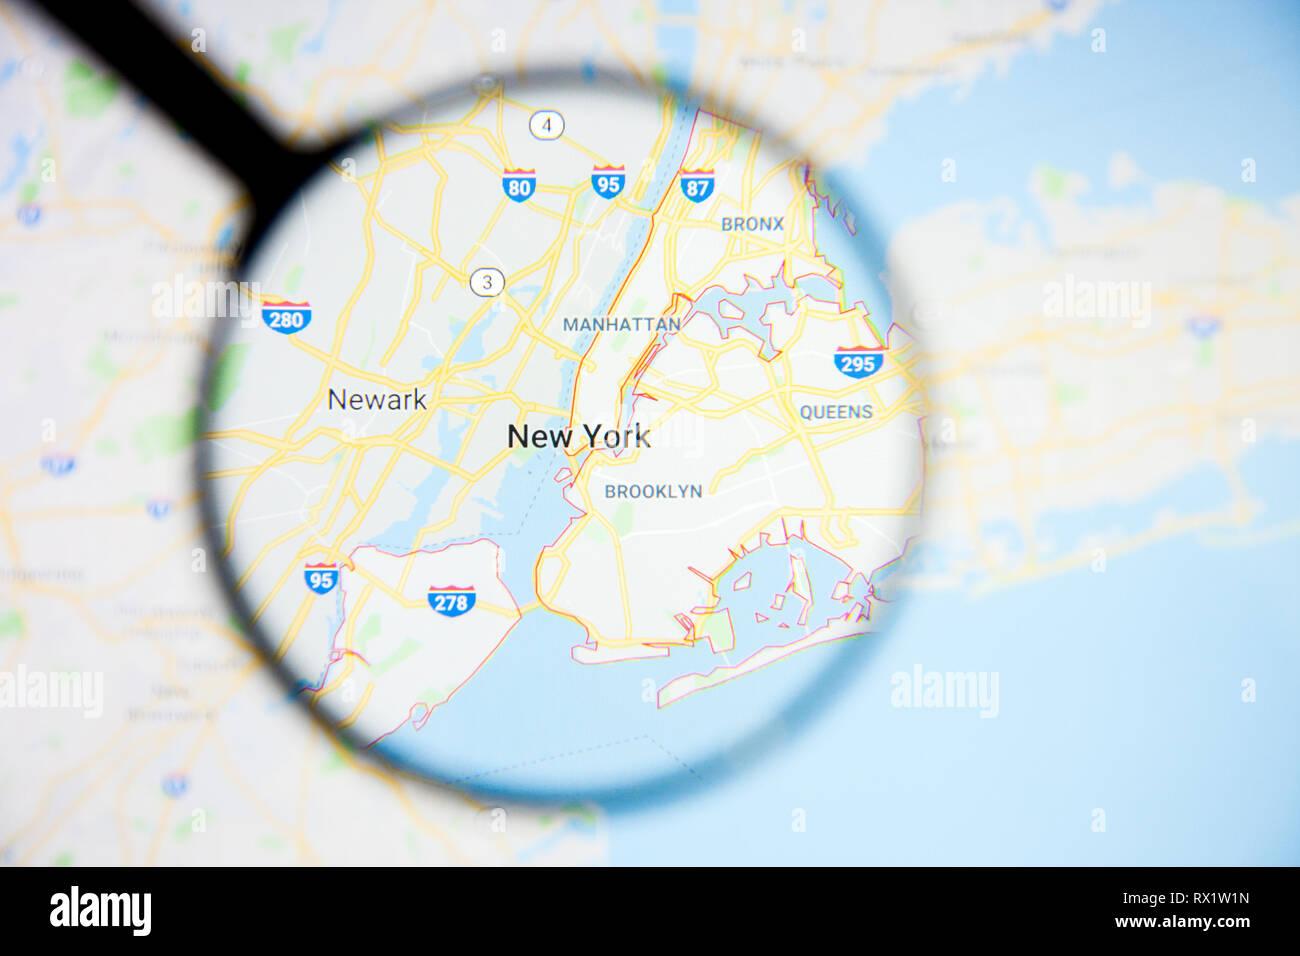 New York city concept d'illustration de visualisation sur écran d'affichage par loupe Photo Stock